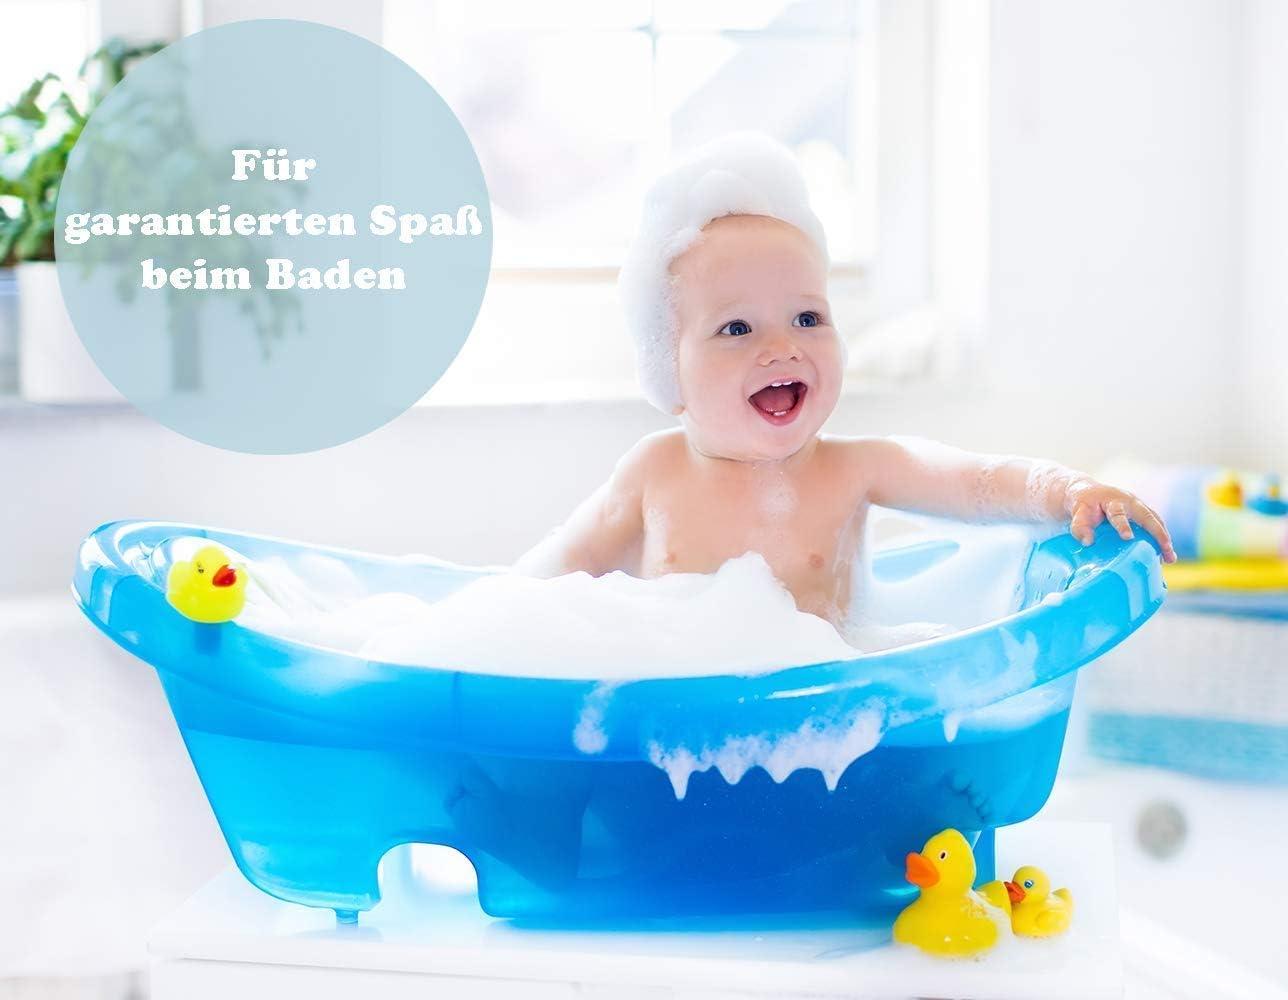 Baignoire s/ûre pour b/éb/é 0-12 mois Cerf - blanc Tega Baby Baignoire ergonomique pour b/éb/é 86 cm avec thermom/ètre int/égr/é Bouchon de drainage pour /évacuer leau